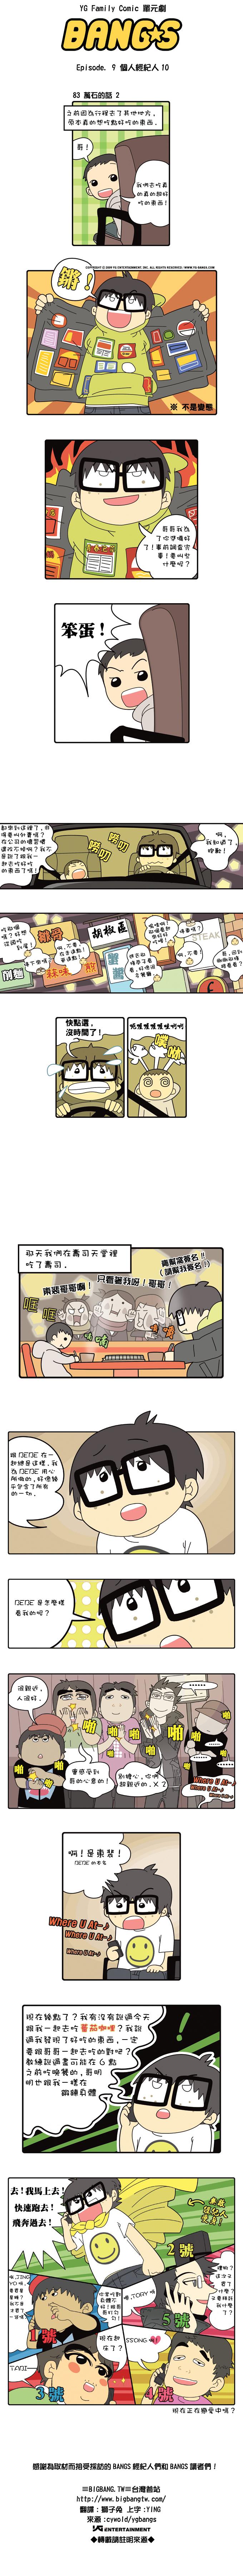 中譯 20091125_Episode 9_個人經紀人 083-2.png